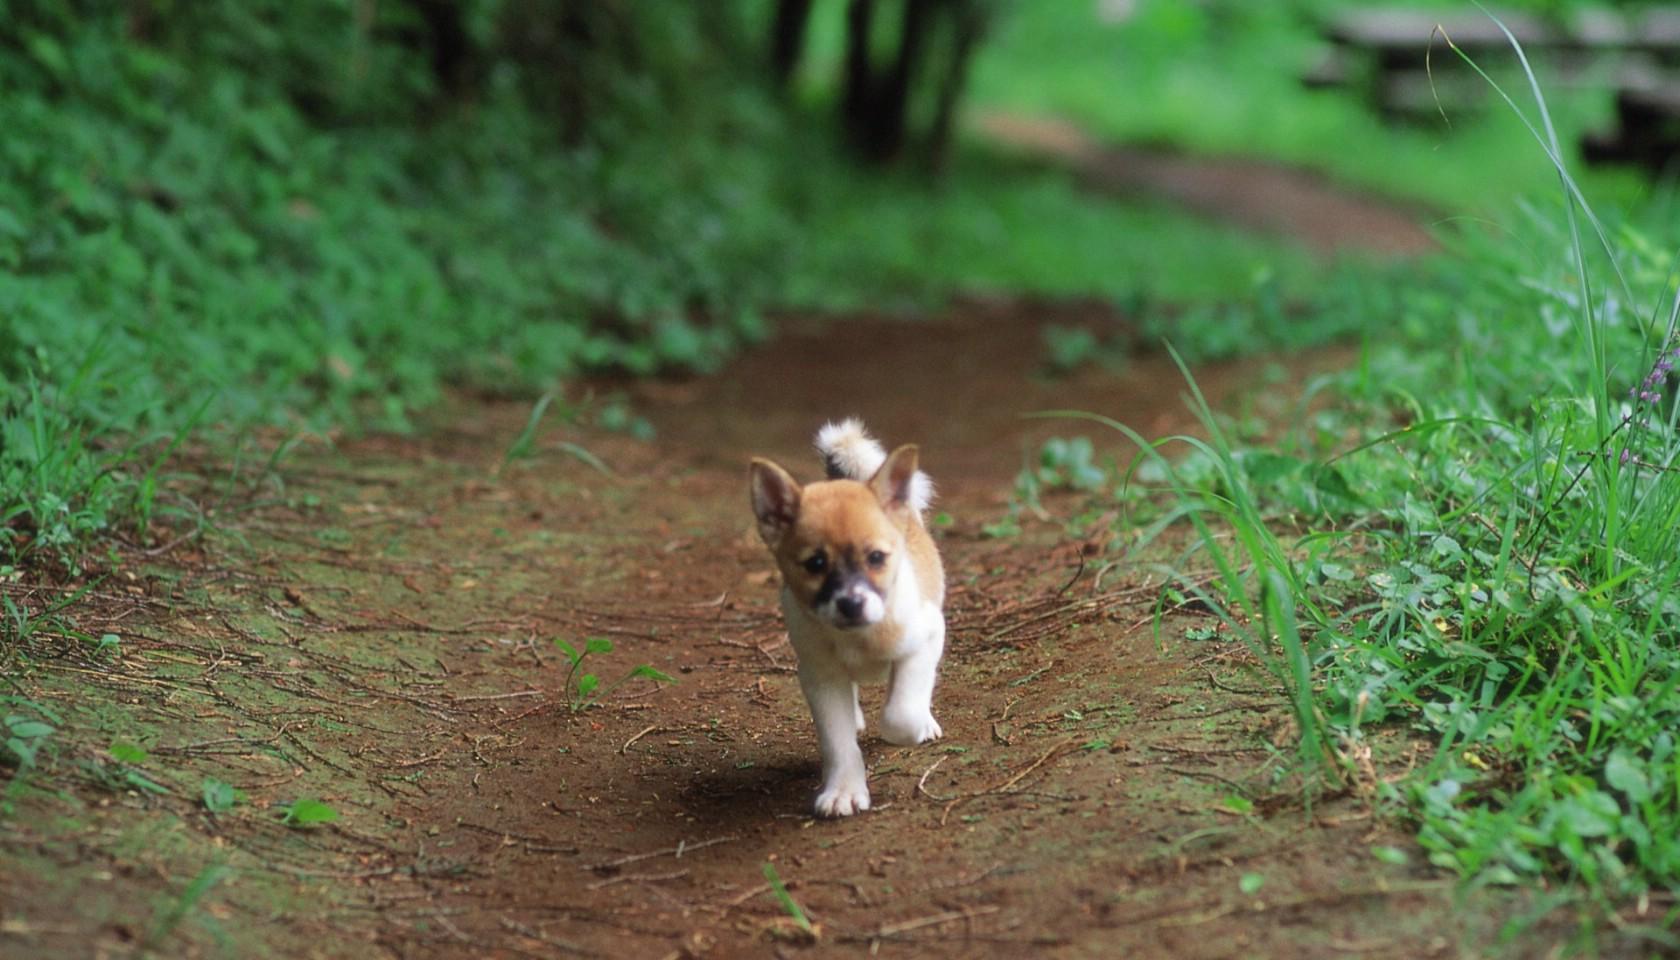 神犬小七,可爱拉布拉多狗狗